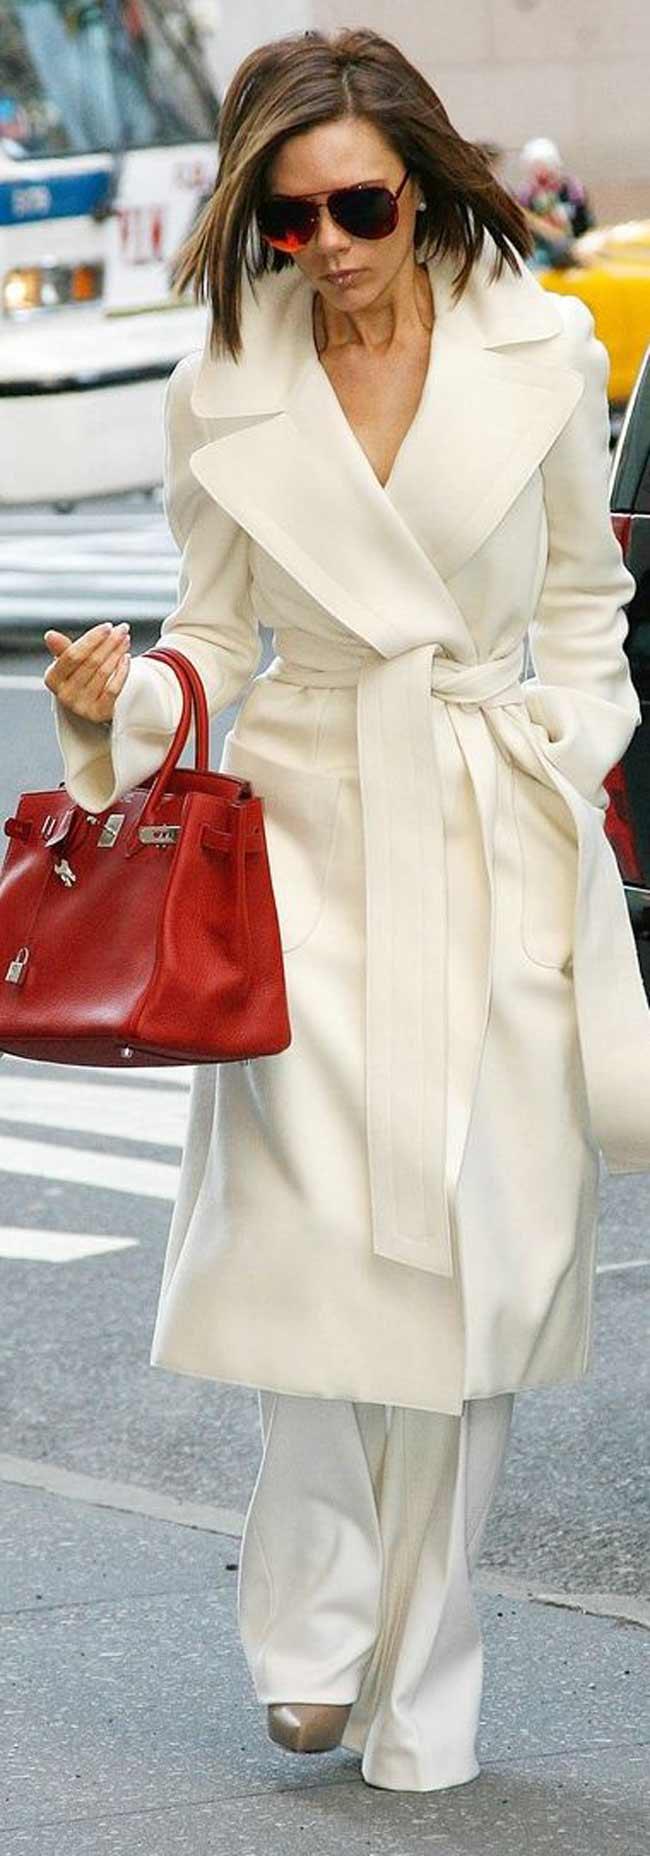 Белое пальто и красная сумка